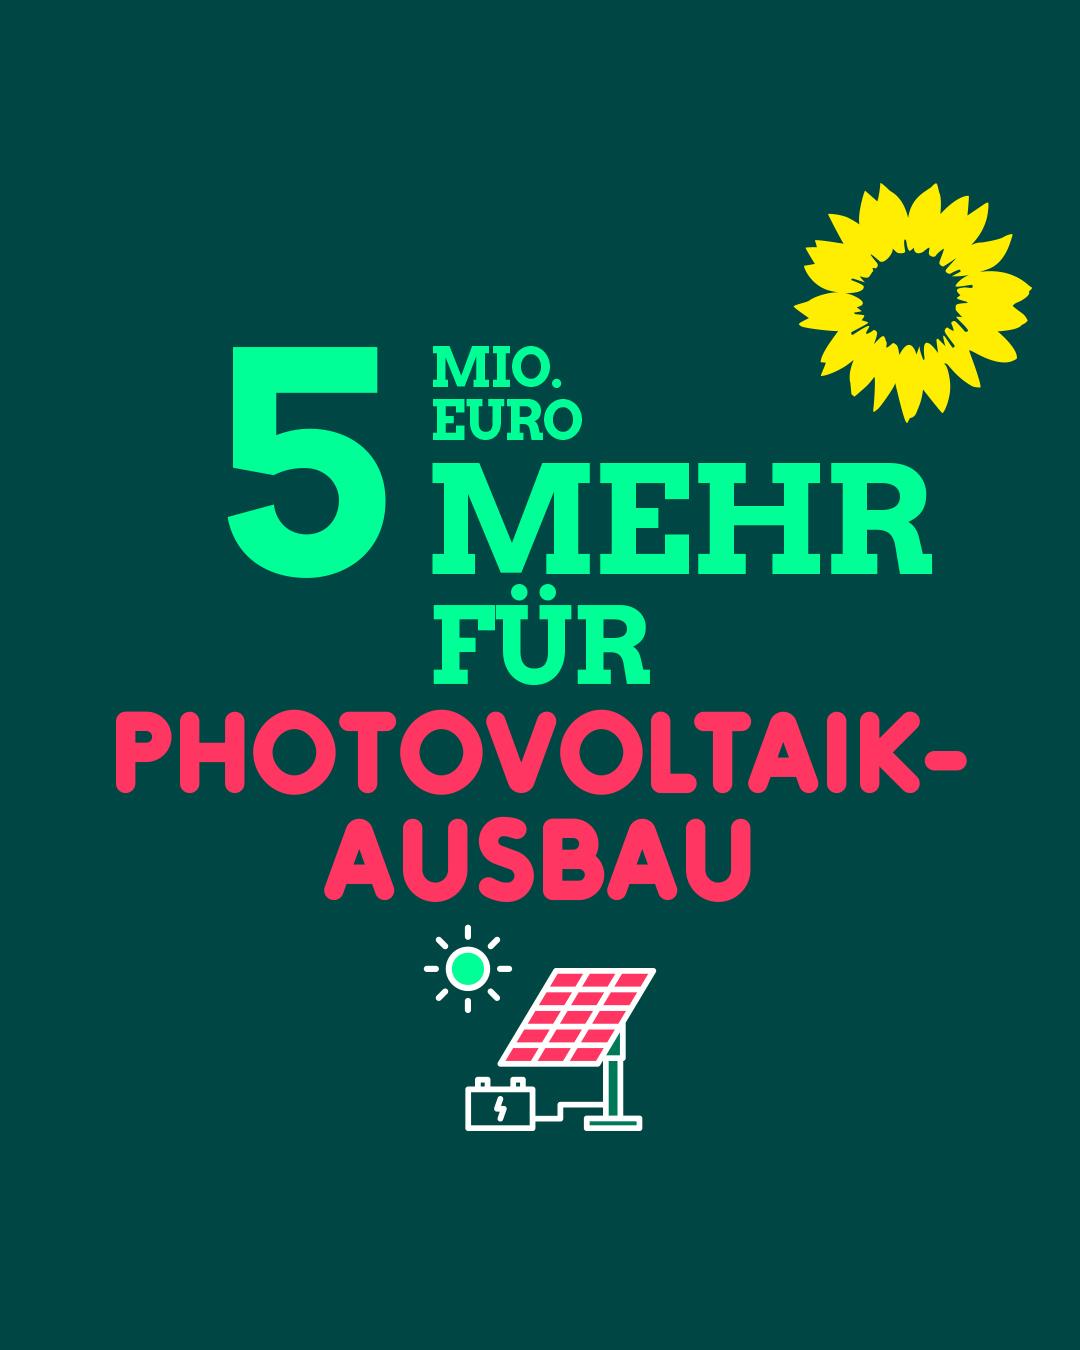 6_GRUENE-HD_Klimaschutzkampagne-2021_S-M_Klimaschutzhaushalt-05_21_05_rz